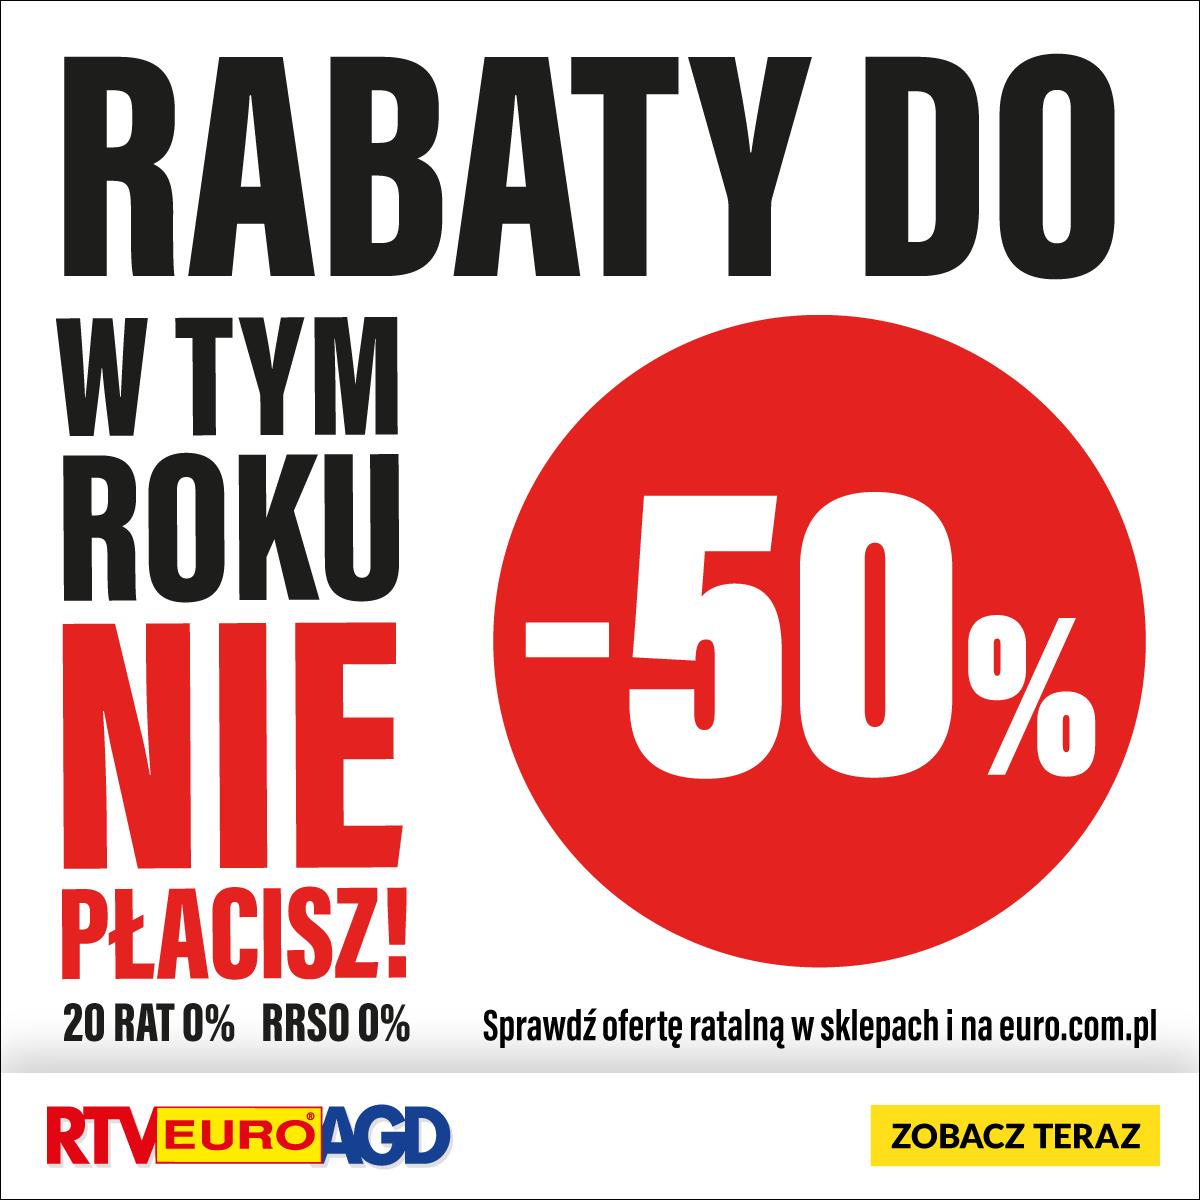 RABATY DO -50 %, W TYM ROKU NIE PŁACISZ!!